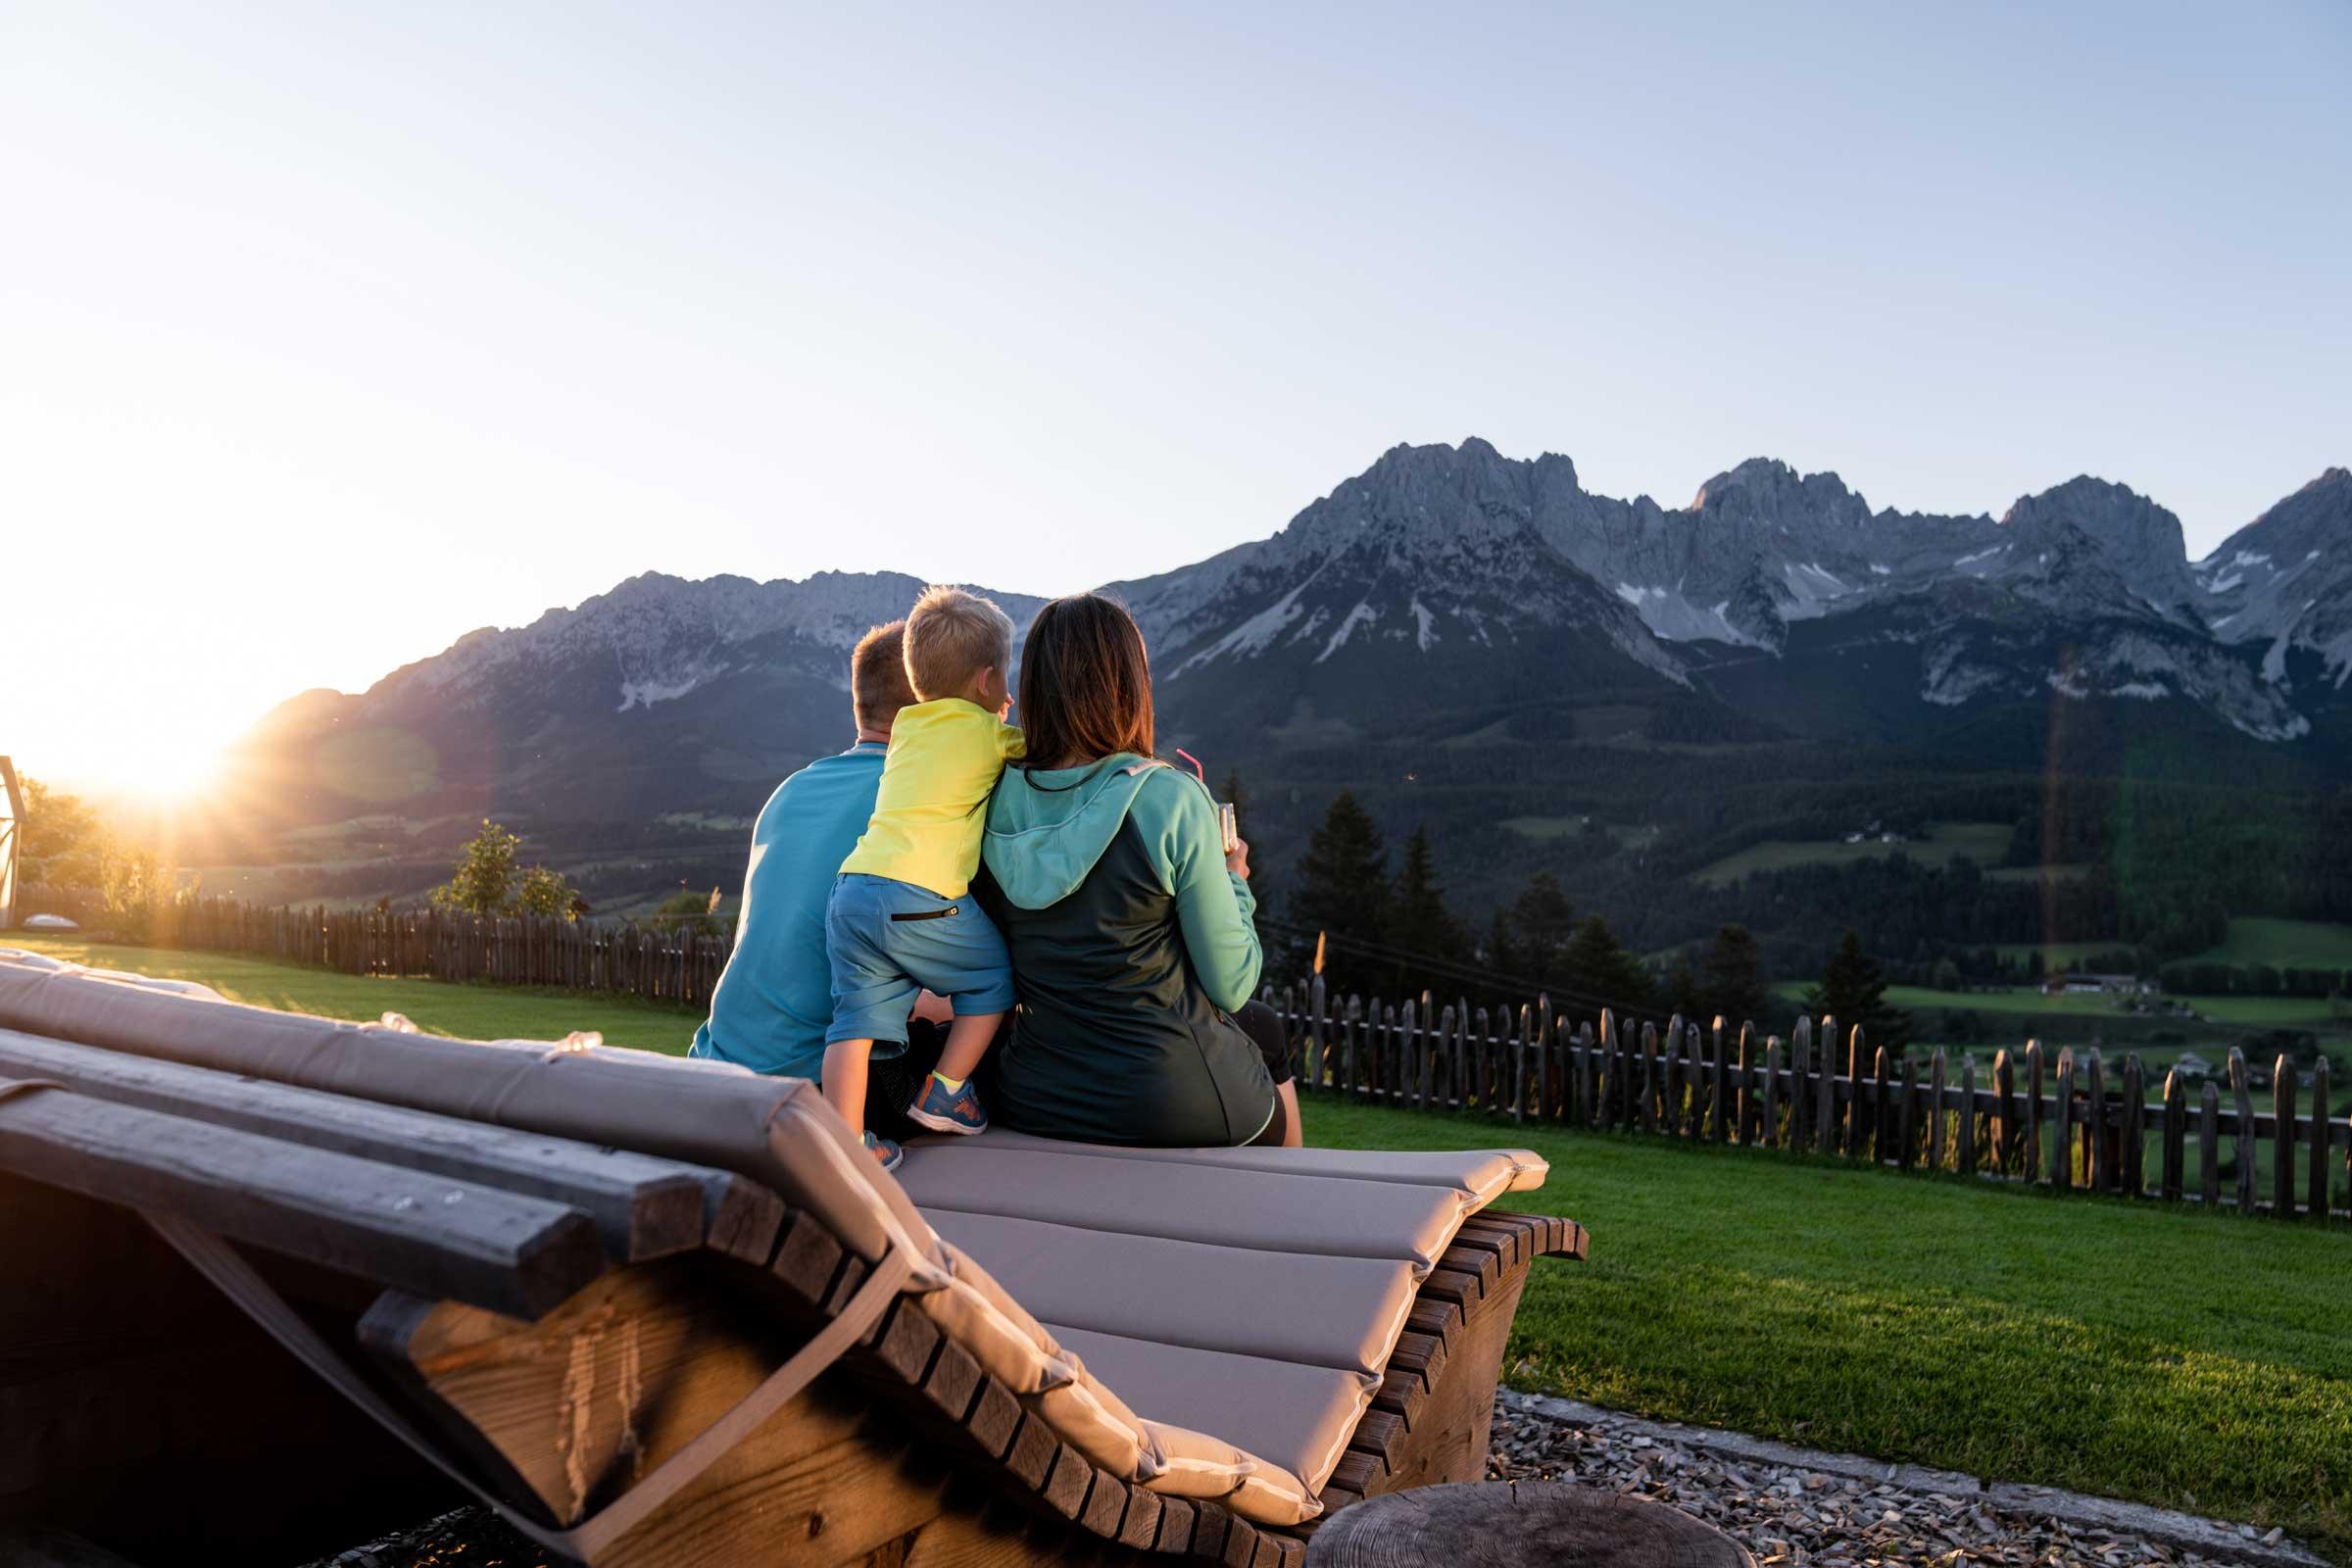 Urlauberfamilie sitzt auf gemütlicher Ruheliege im Garten des Naschberghofes und genießt das Bergpanorama des Wilden Kaisers bei untergehender Sonne.